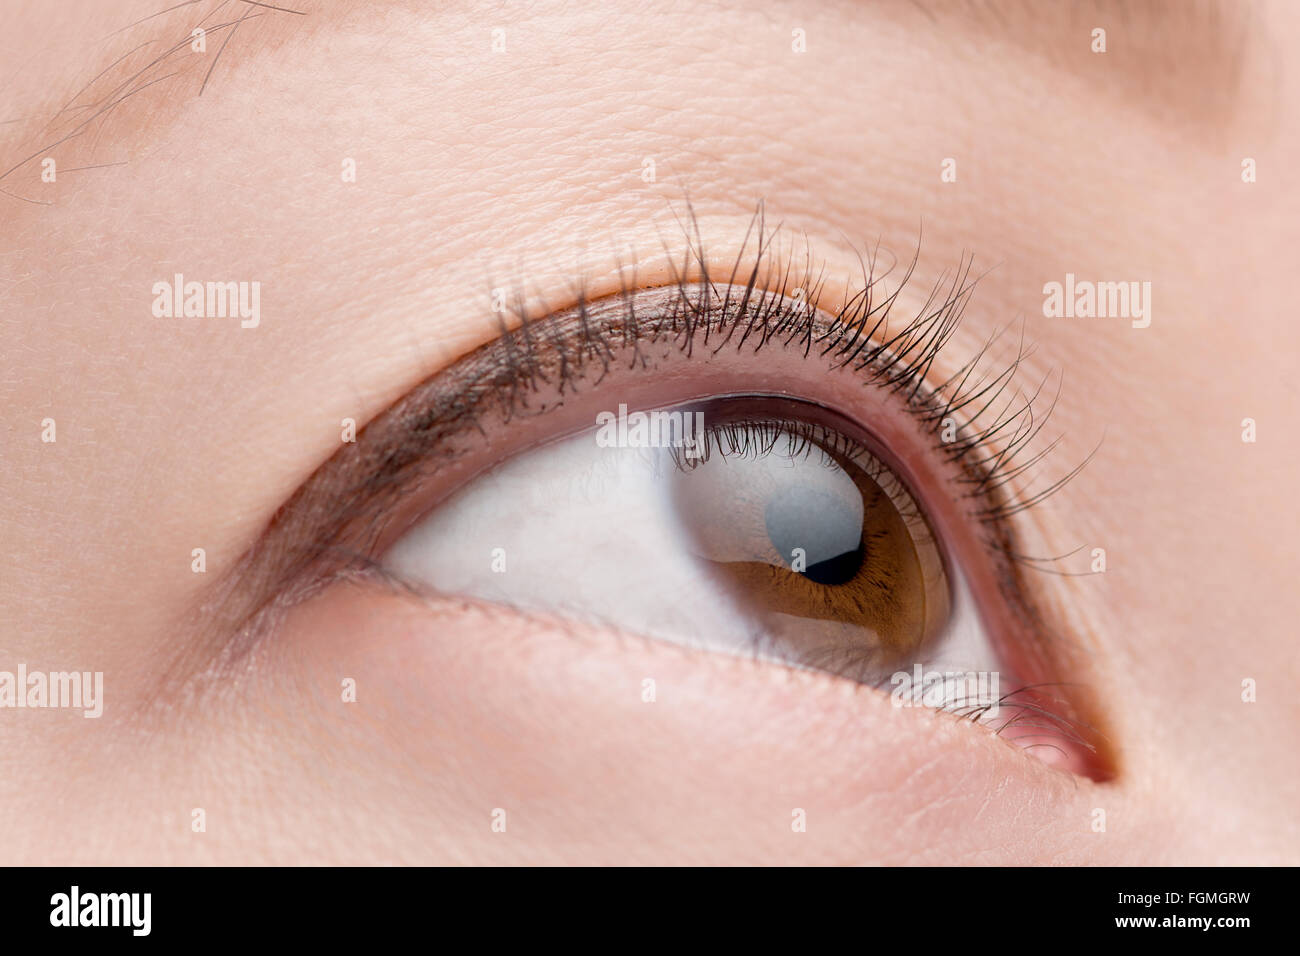 Eine wahre Makroaufnahme eines weiblichen Auges mit einer natürlichen, minimale Make up aussehen. Stockbild